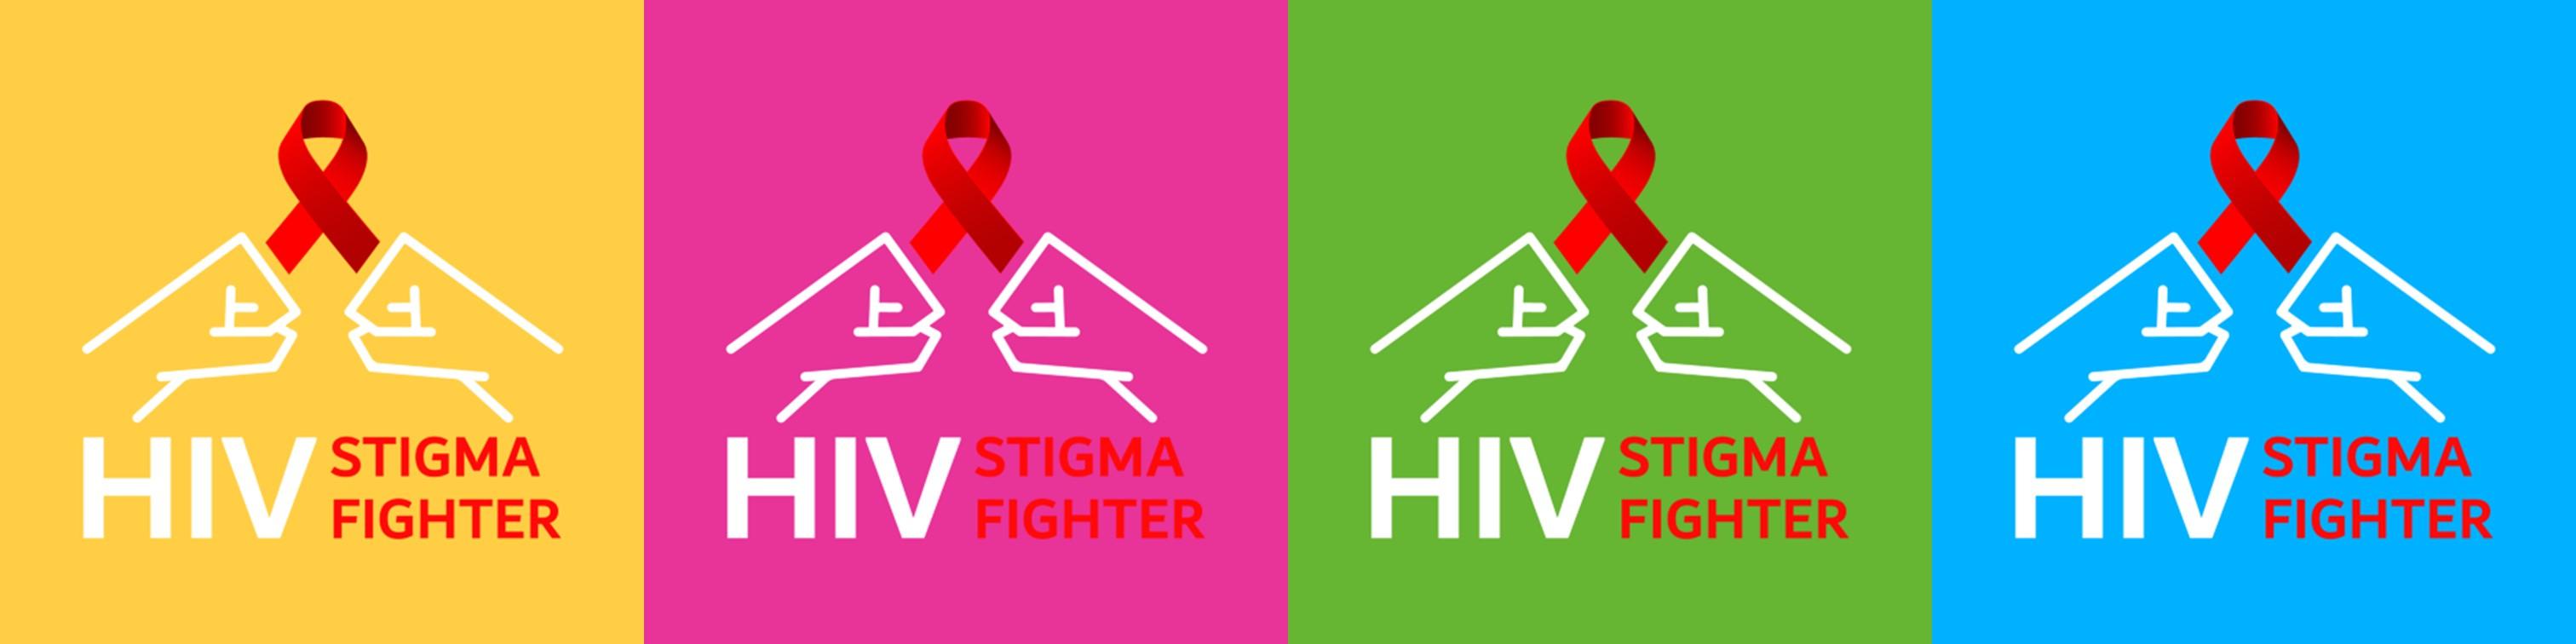 hivstigmafighter